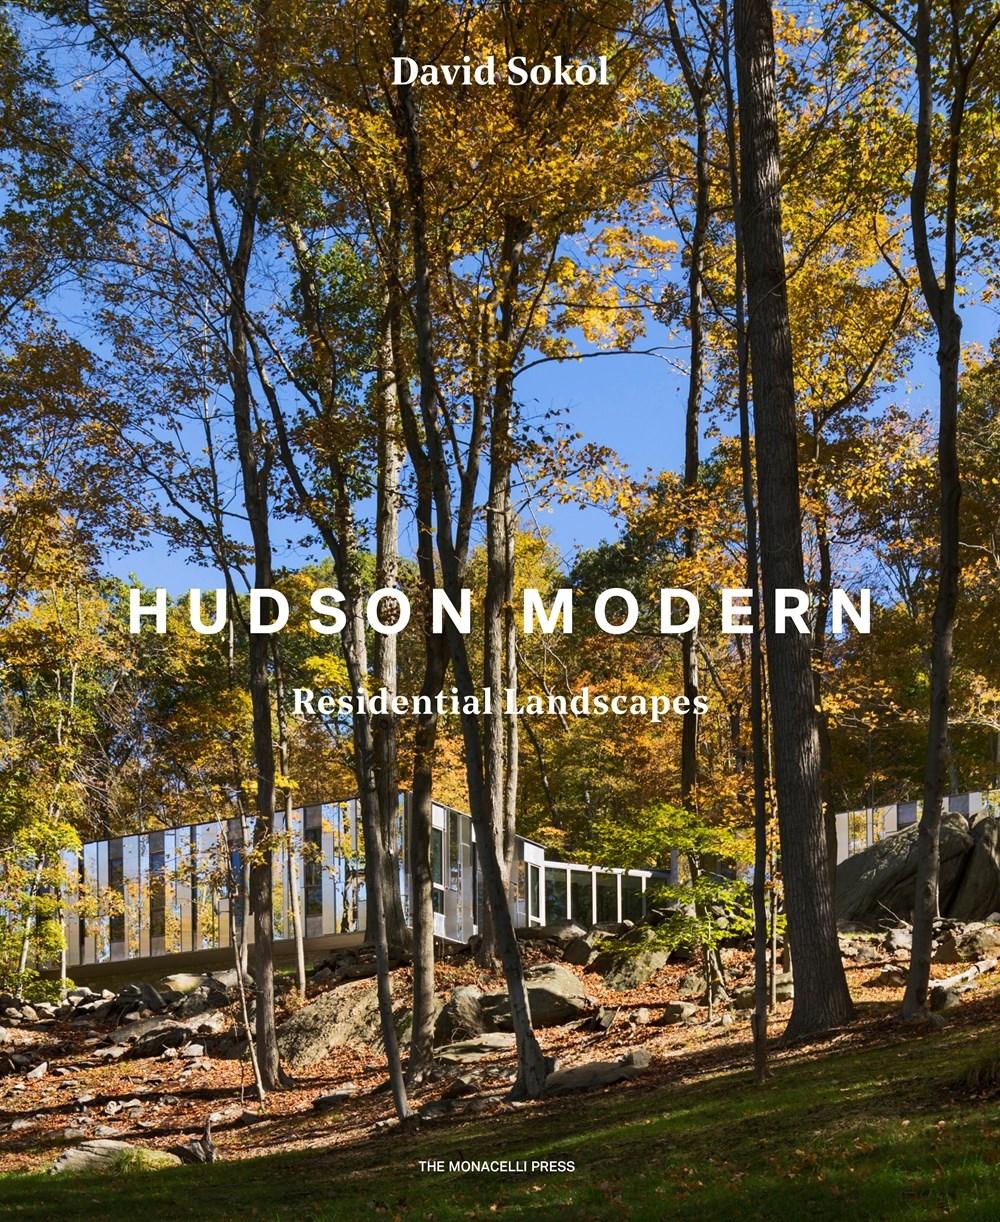 hudson modern by david sokol, 2018, monacelli press - Pound Ridge HouseNatori Residence